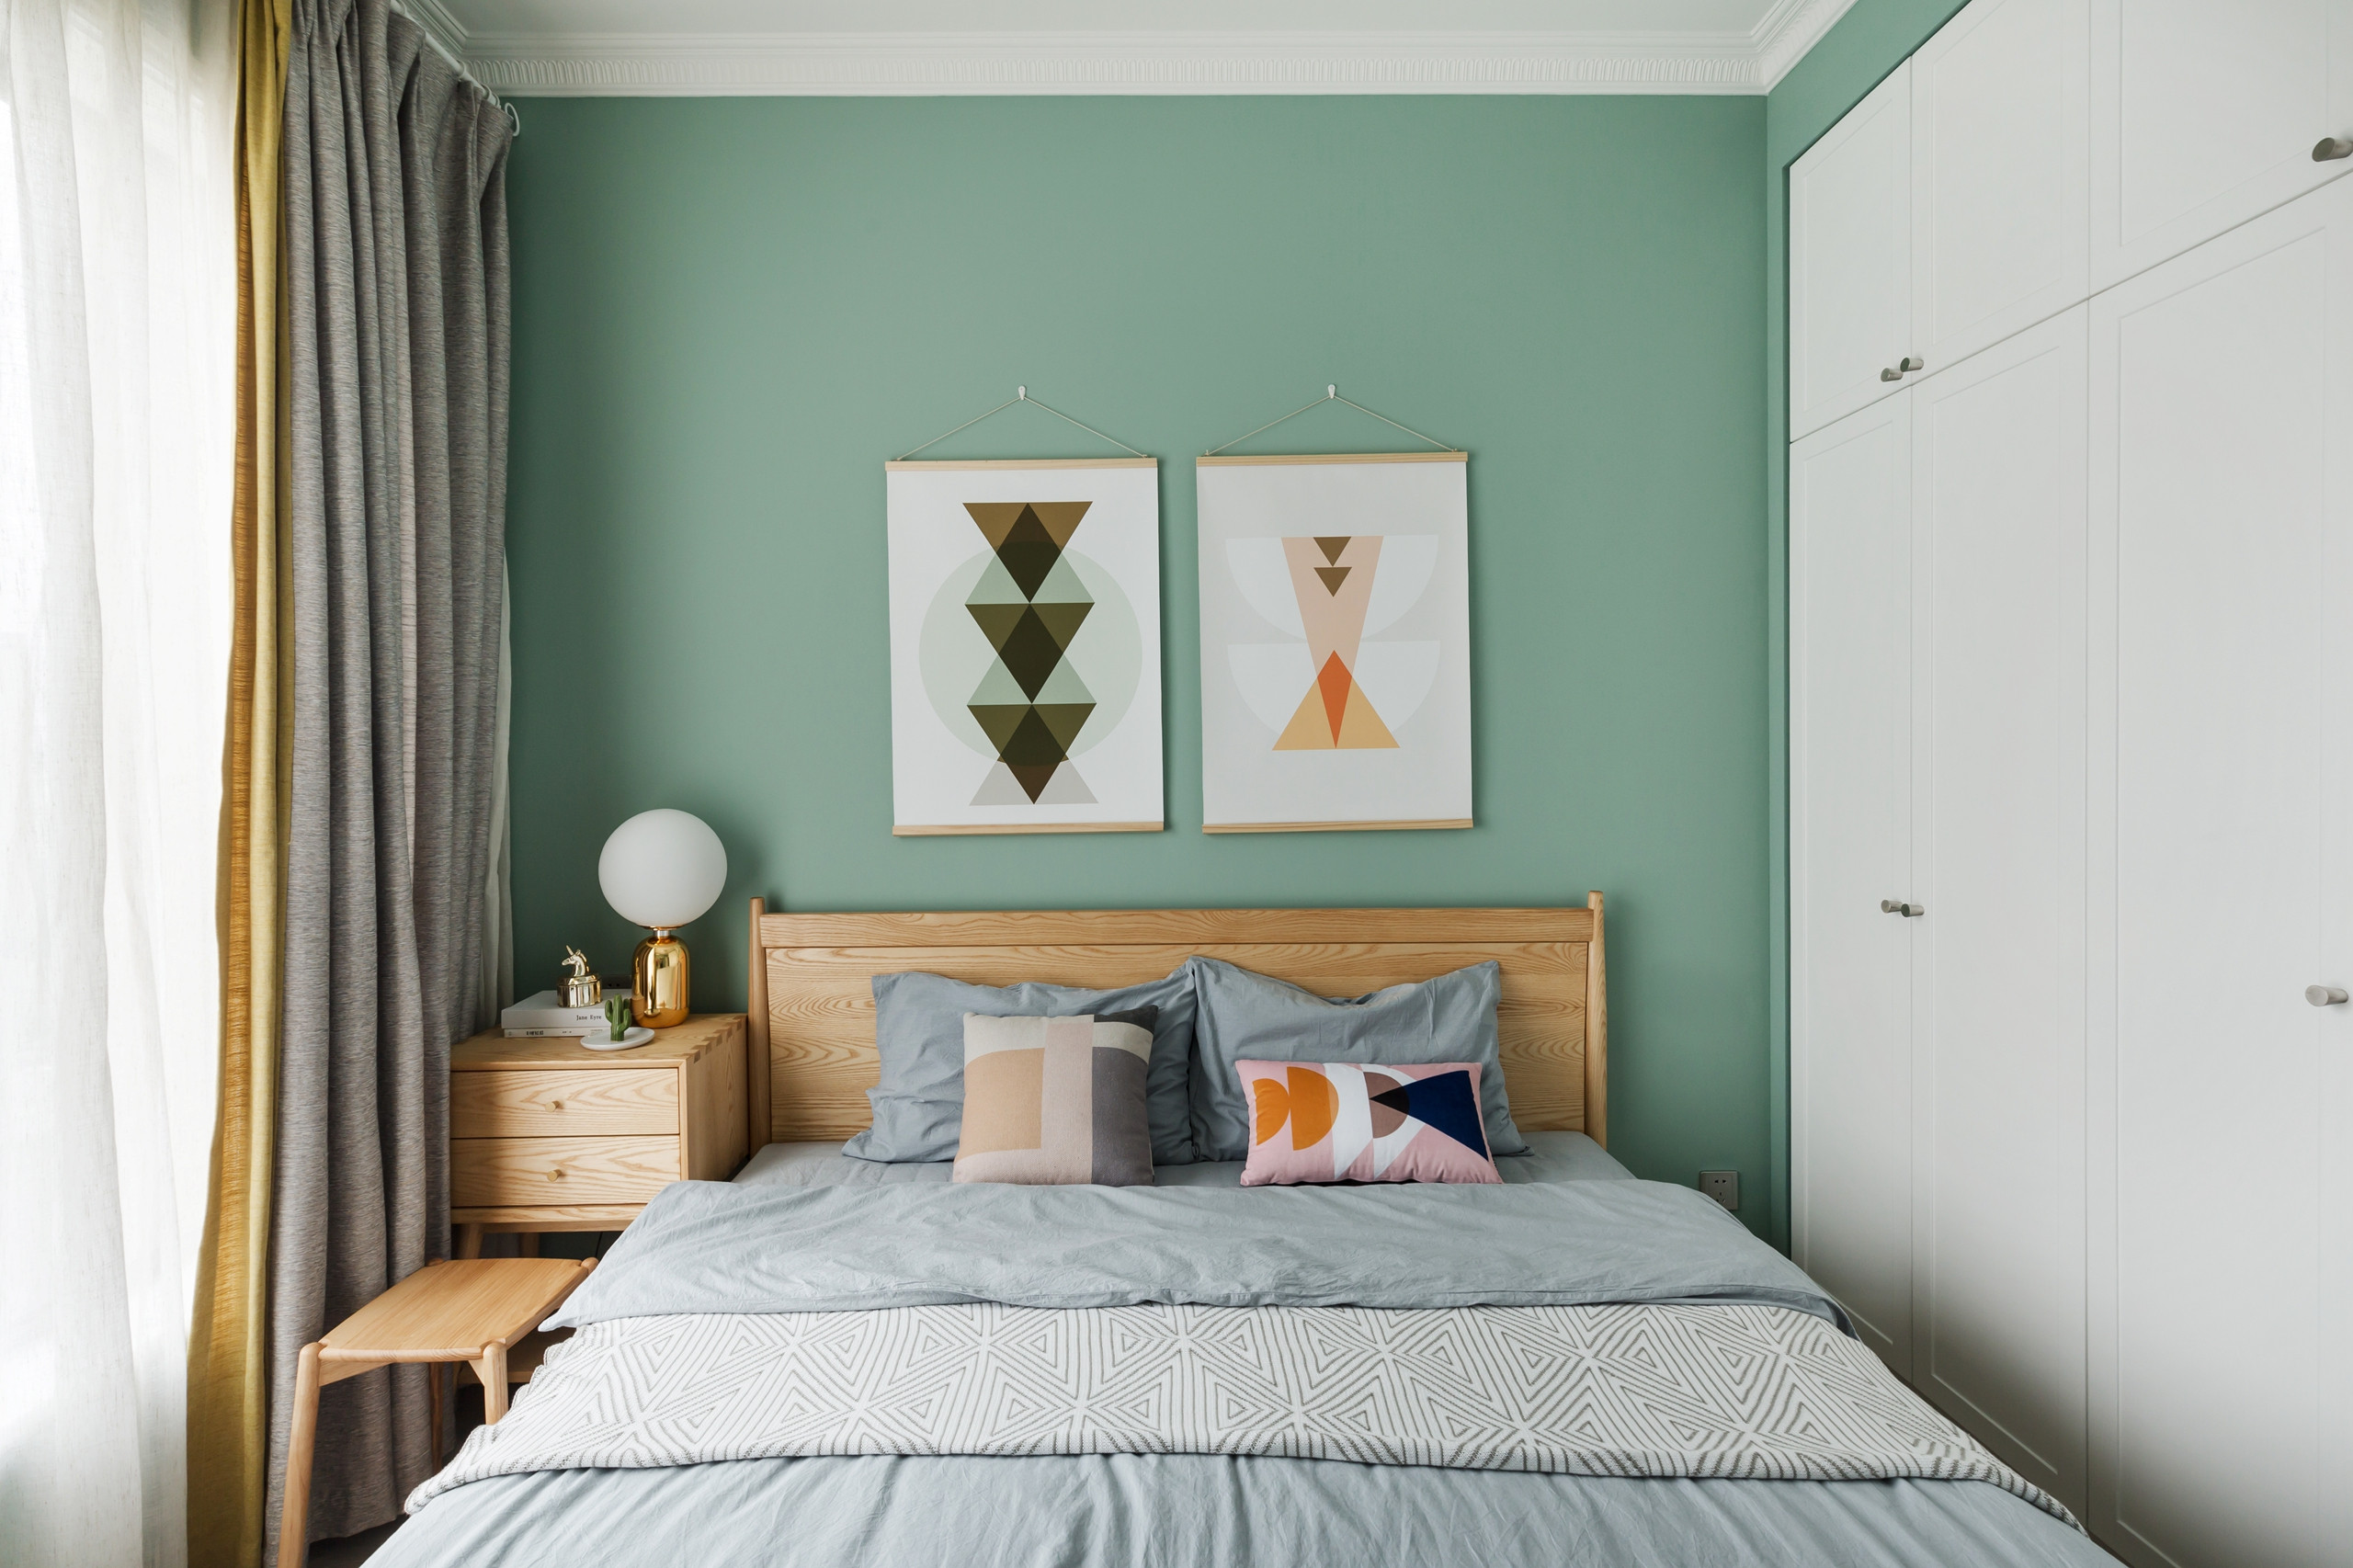 背景墙 房间 家居 起居室 设计 卧室 卧室装修 现代 装修 2560_1706